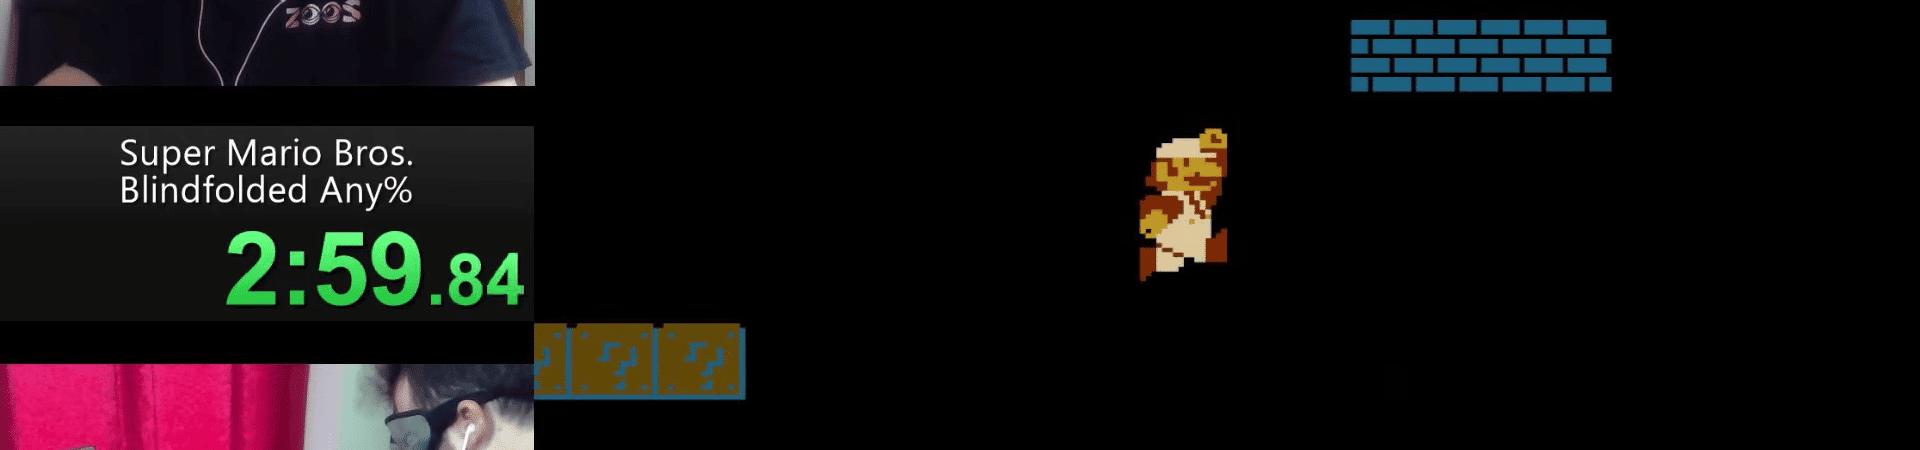 Imagem mostra tela compartilhada que exibe o jogo e mostra o speedrunner Crescendo jogando Super Mario Bros.